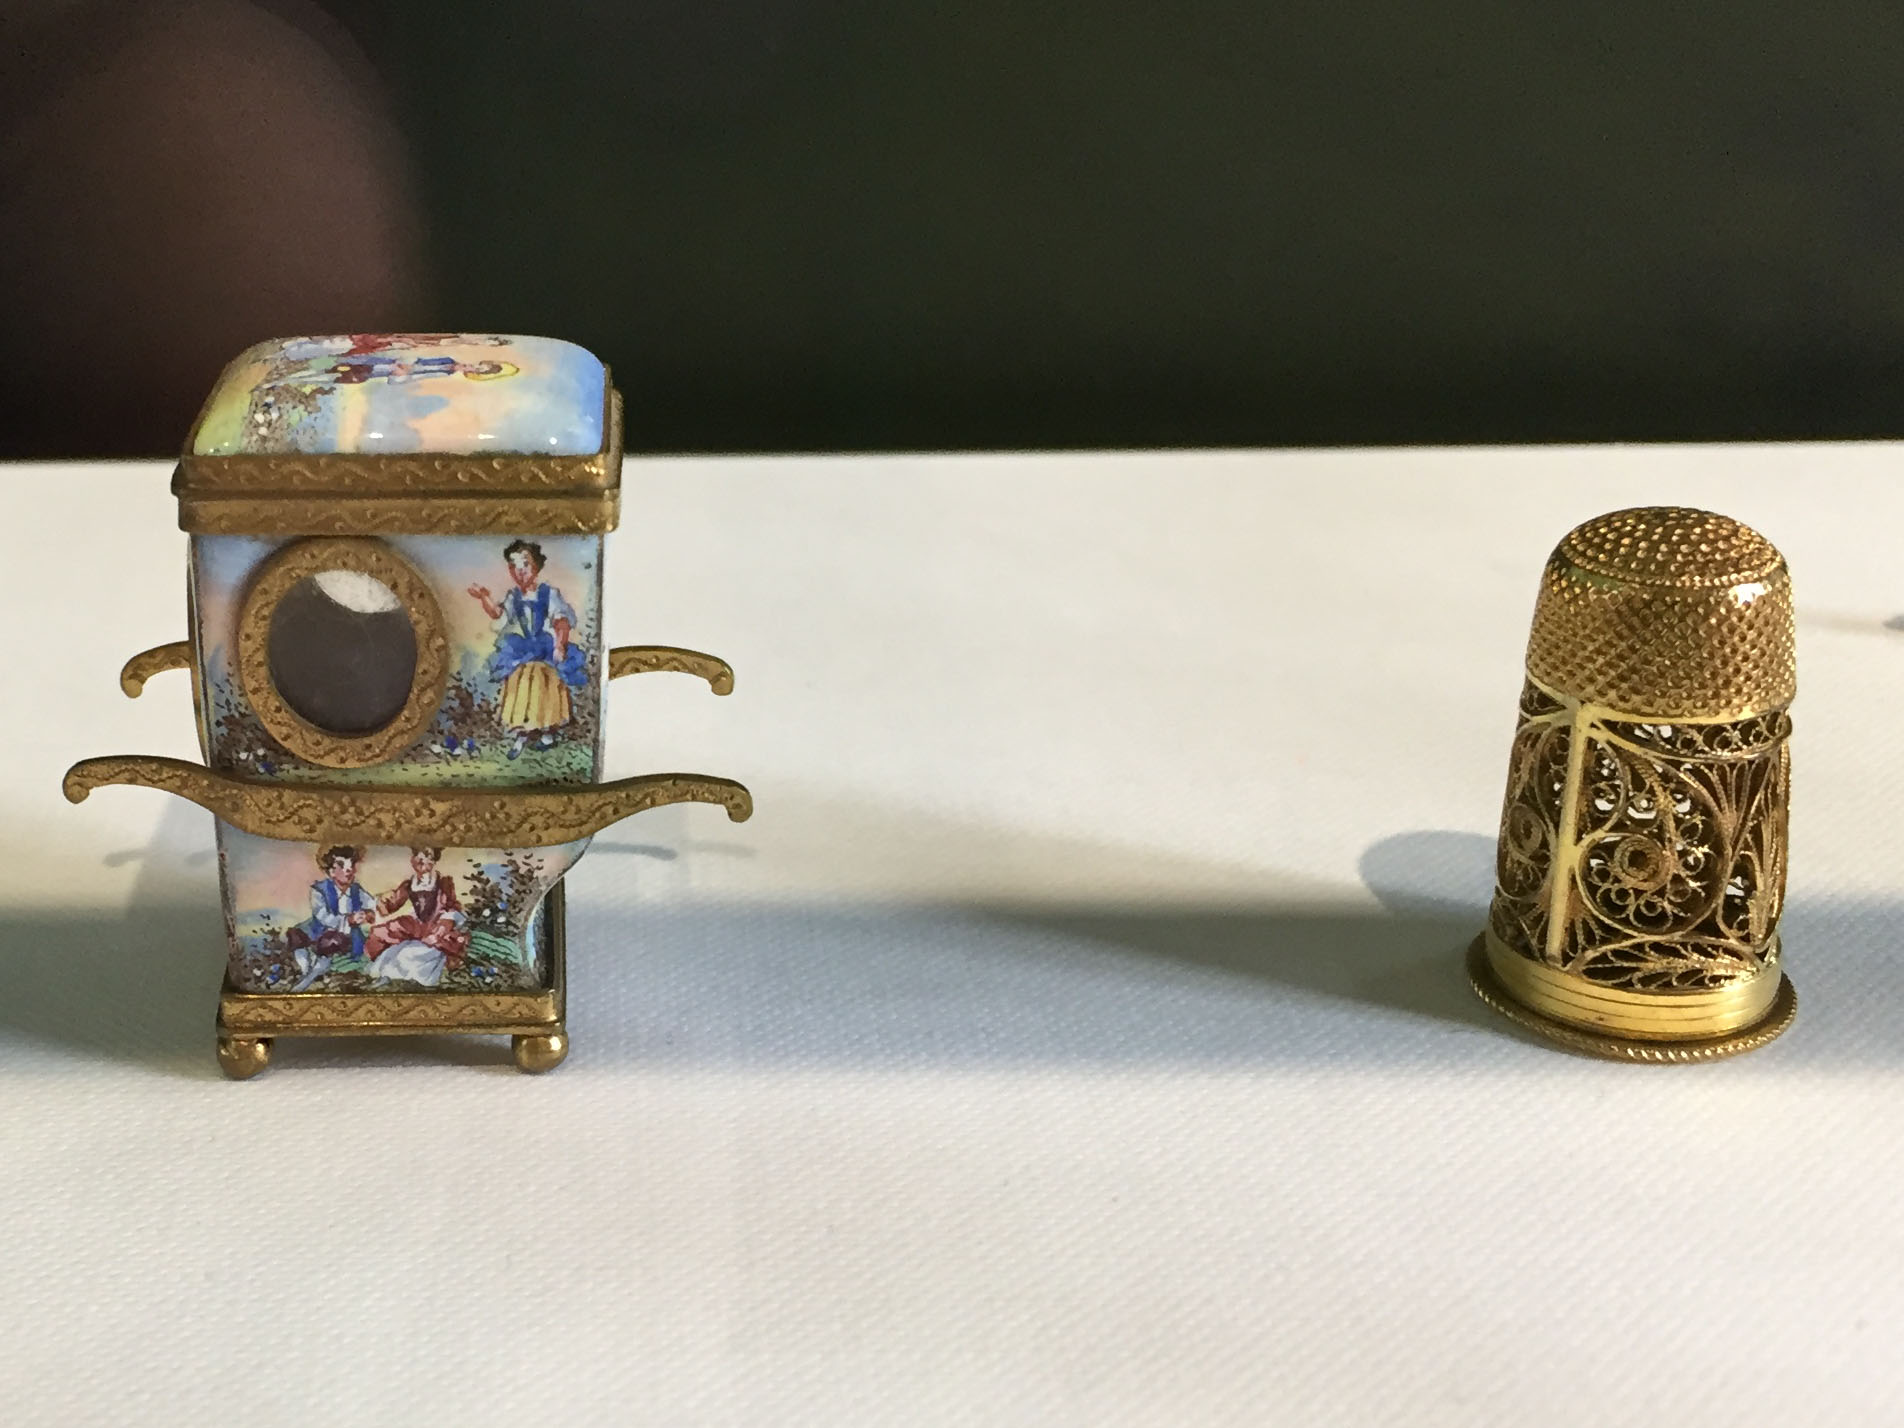 Scatola profumate nella forma di portantina con smalto e montatura in bronzo, Germania, 19° secolo e scatola profumata nella forma di ditale in argento dorato, Inghilterra 19° secolo